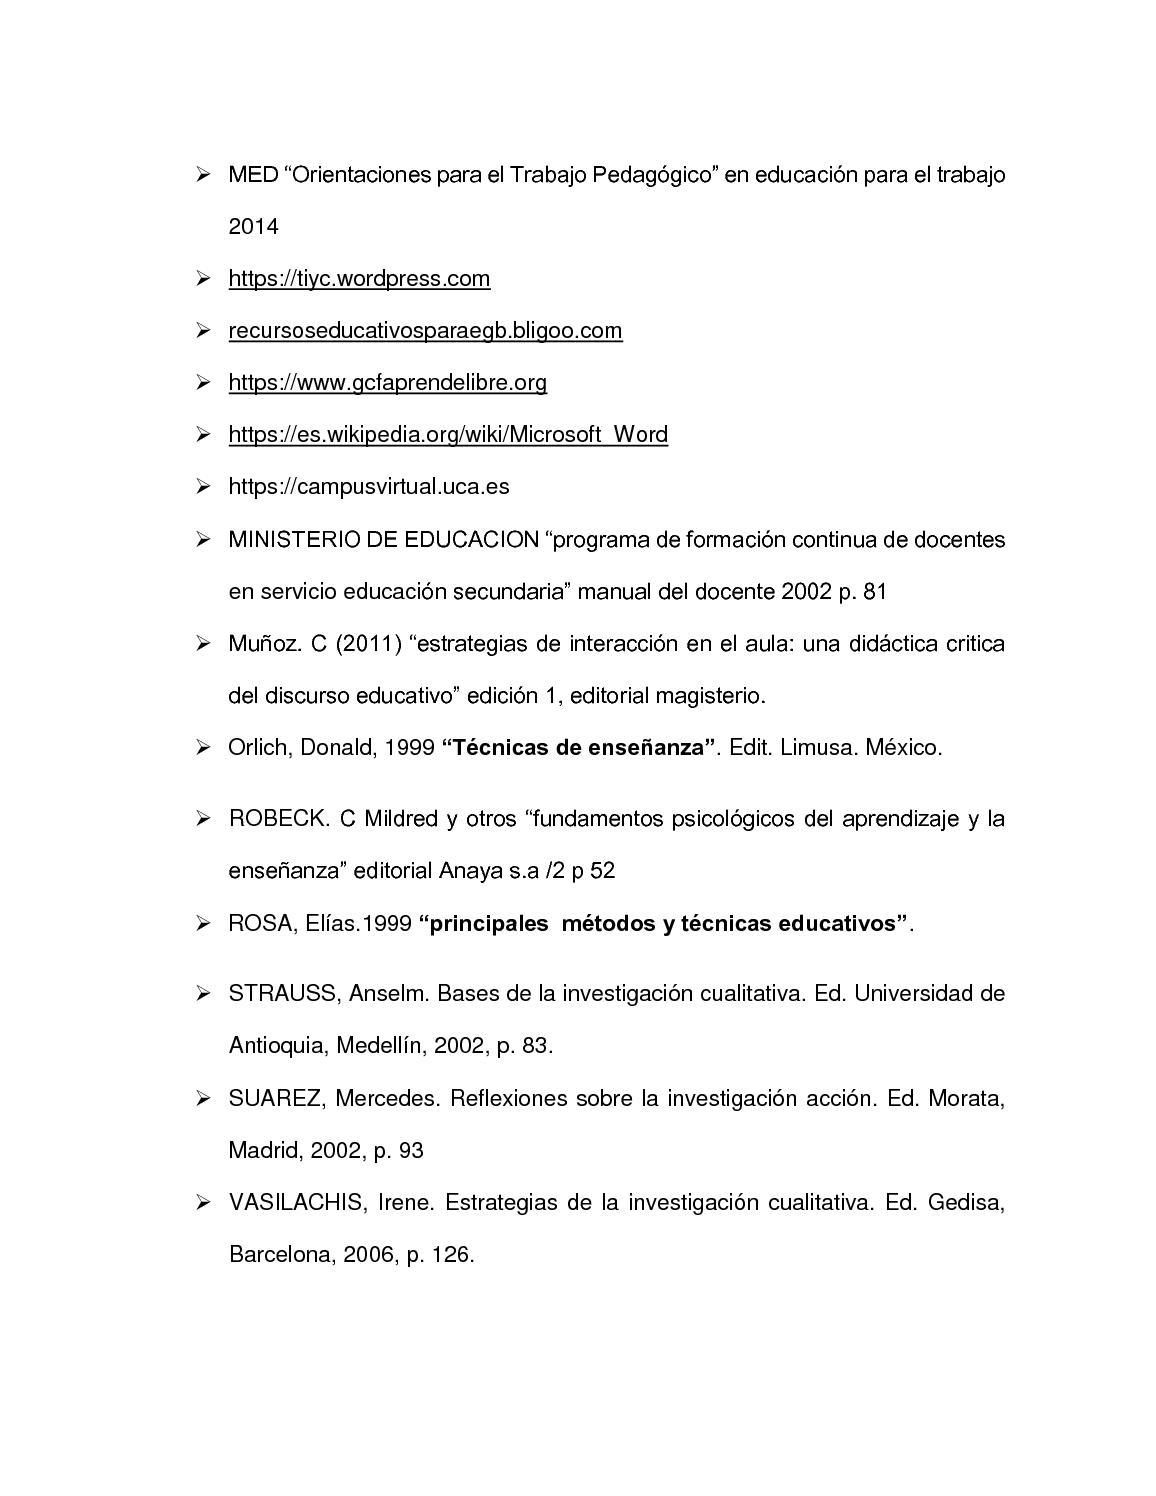 Proyecto De Investigacion Micel - CALAMEO Downloader